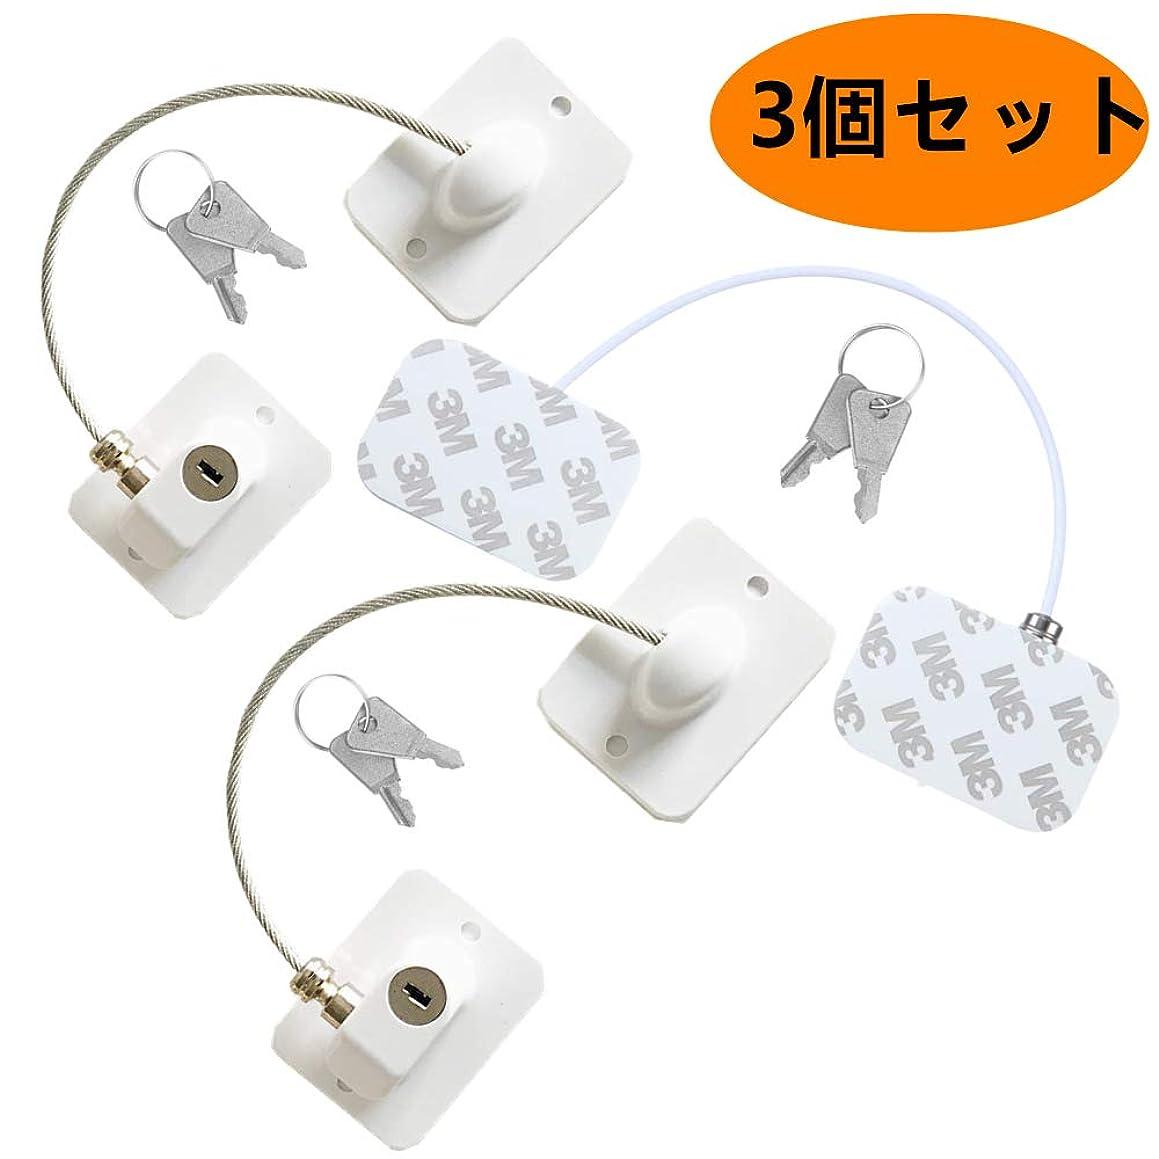 論争的重荷リストKikimu 冷蔵庫ロック ドアロック 『はるキー』 3個セット ごみ箱 引き出し ロック 赤ちゃん 幼児 犬猫 ペット 鍵タイプ コンパクト (3個セット 白)